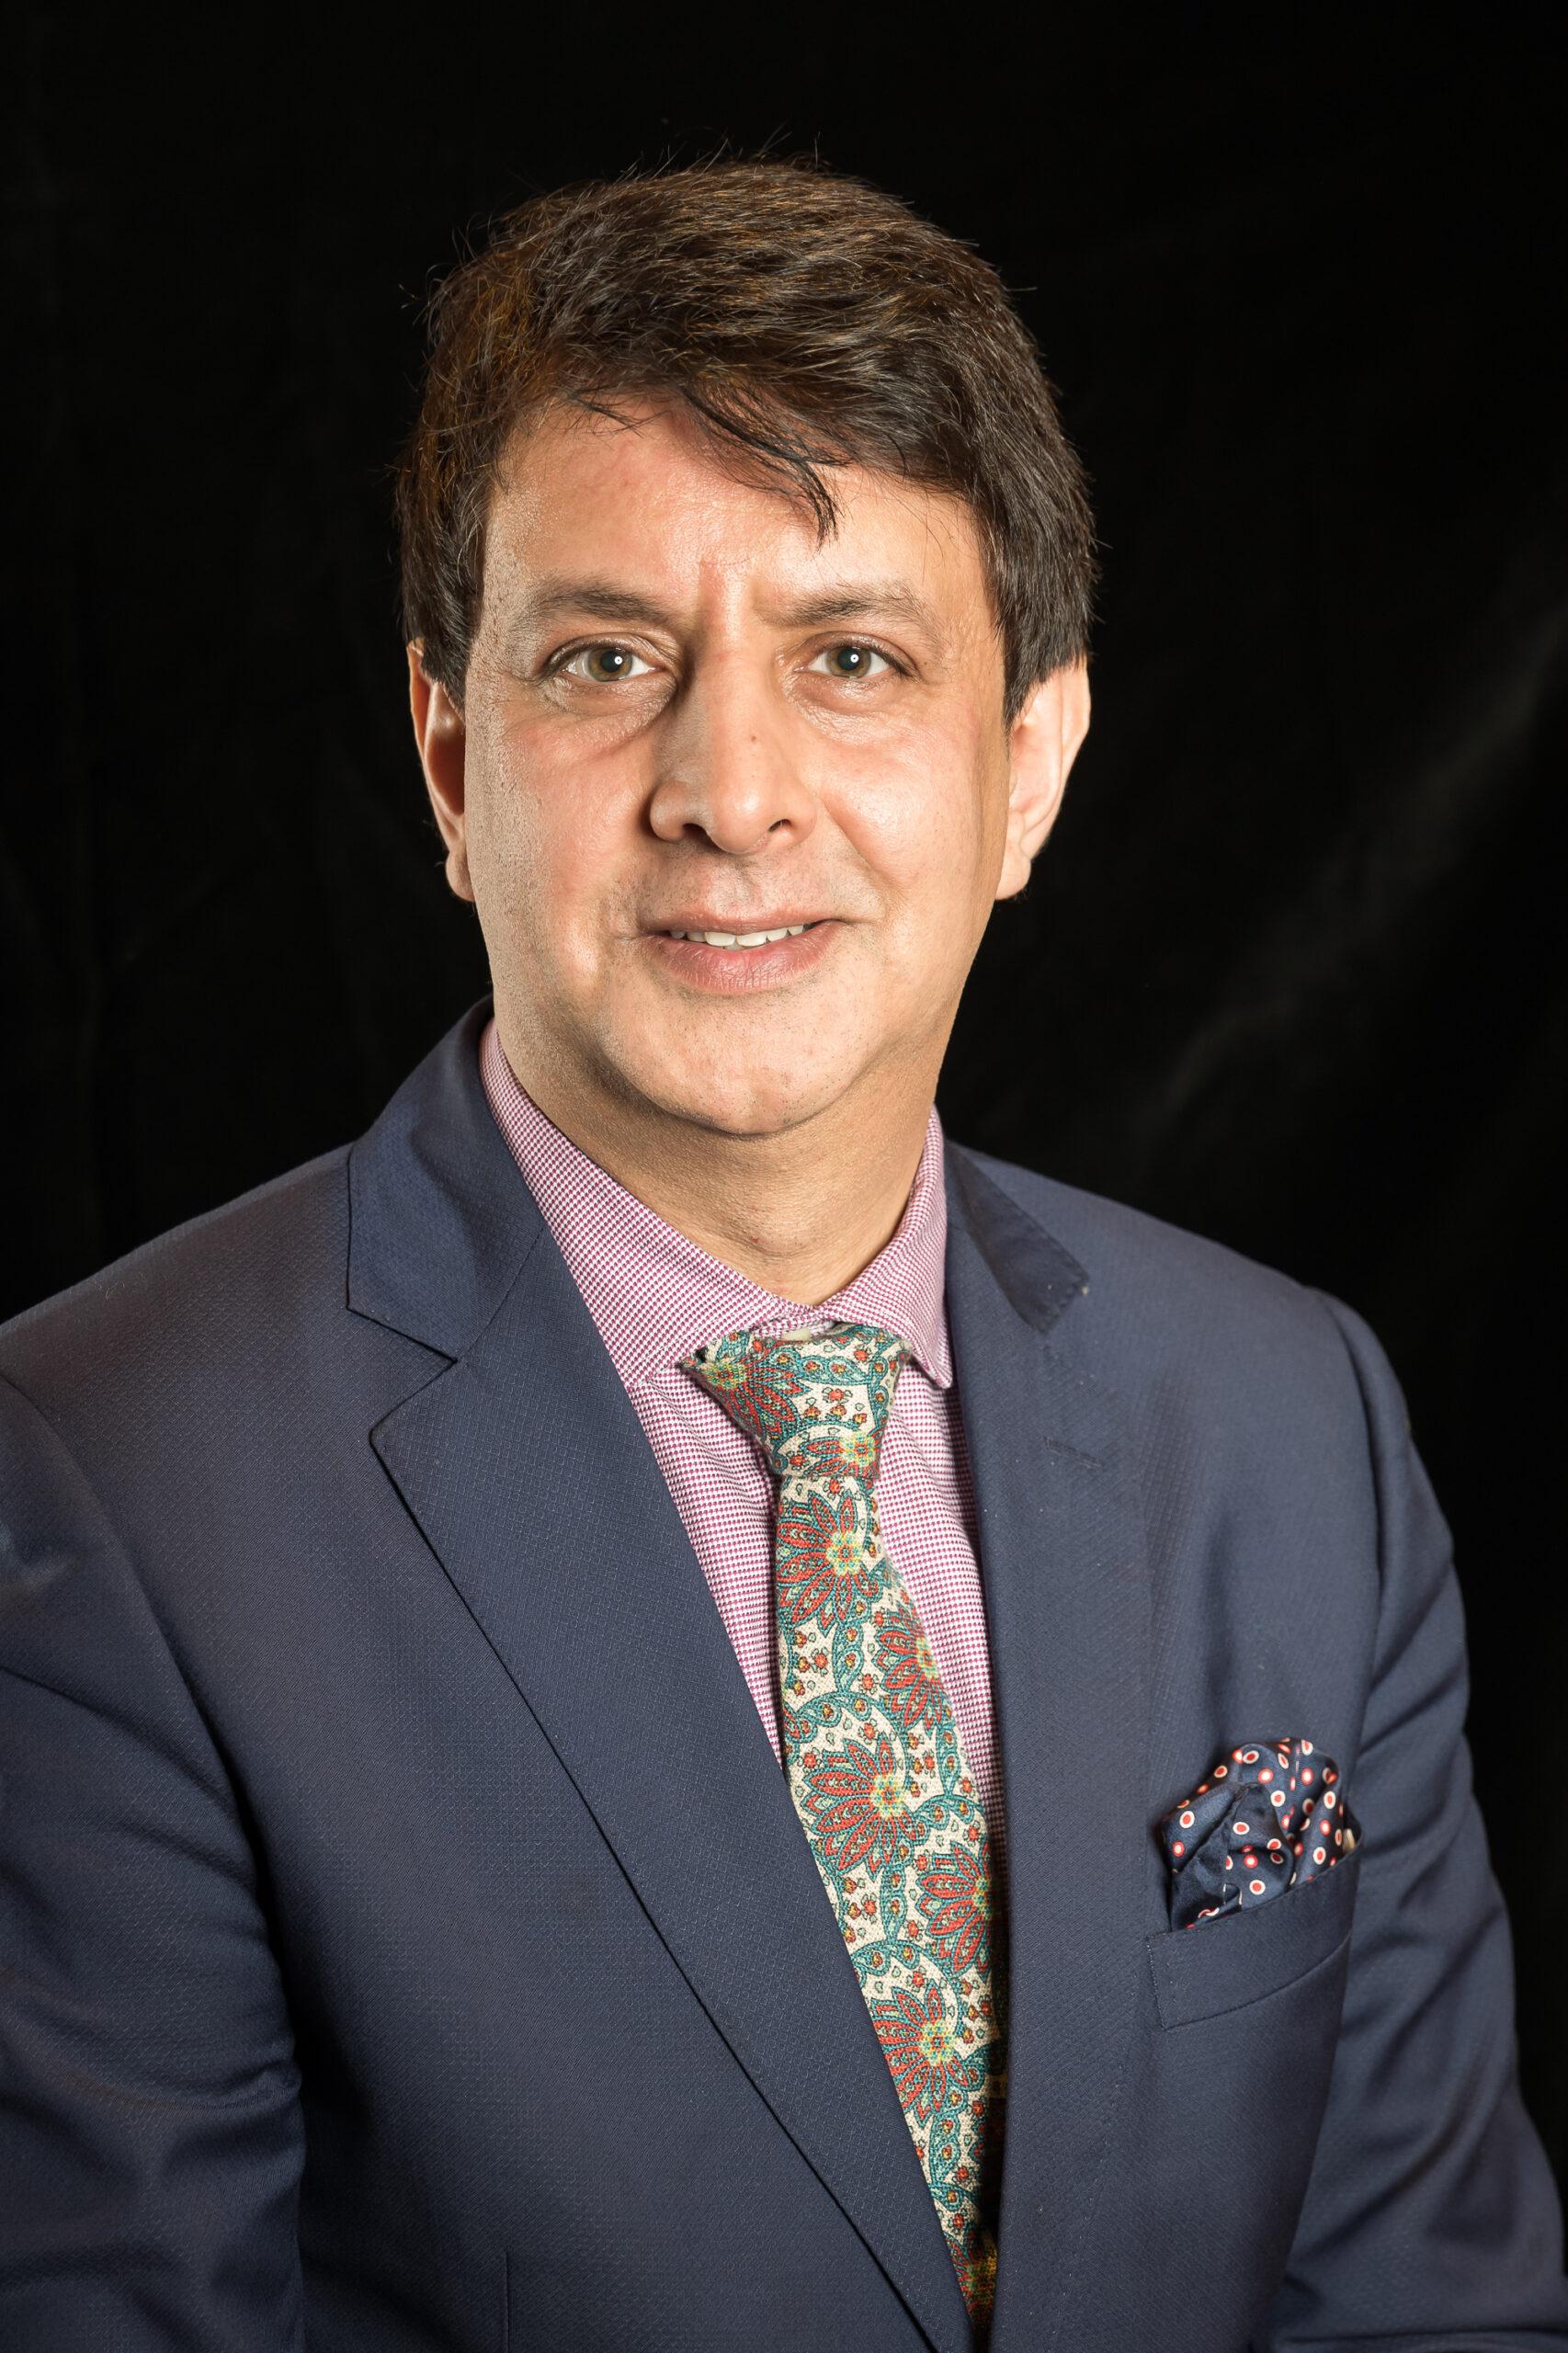 Prof. Omar Usmani - profile image